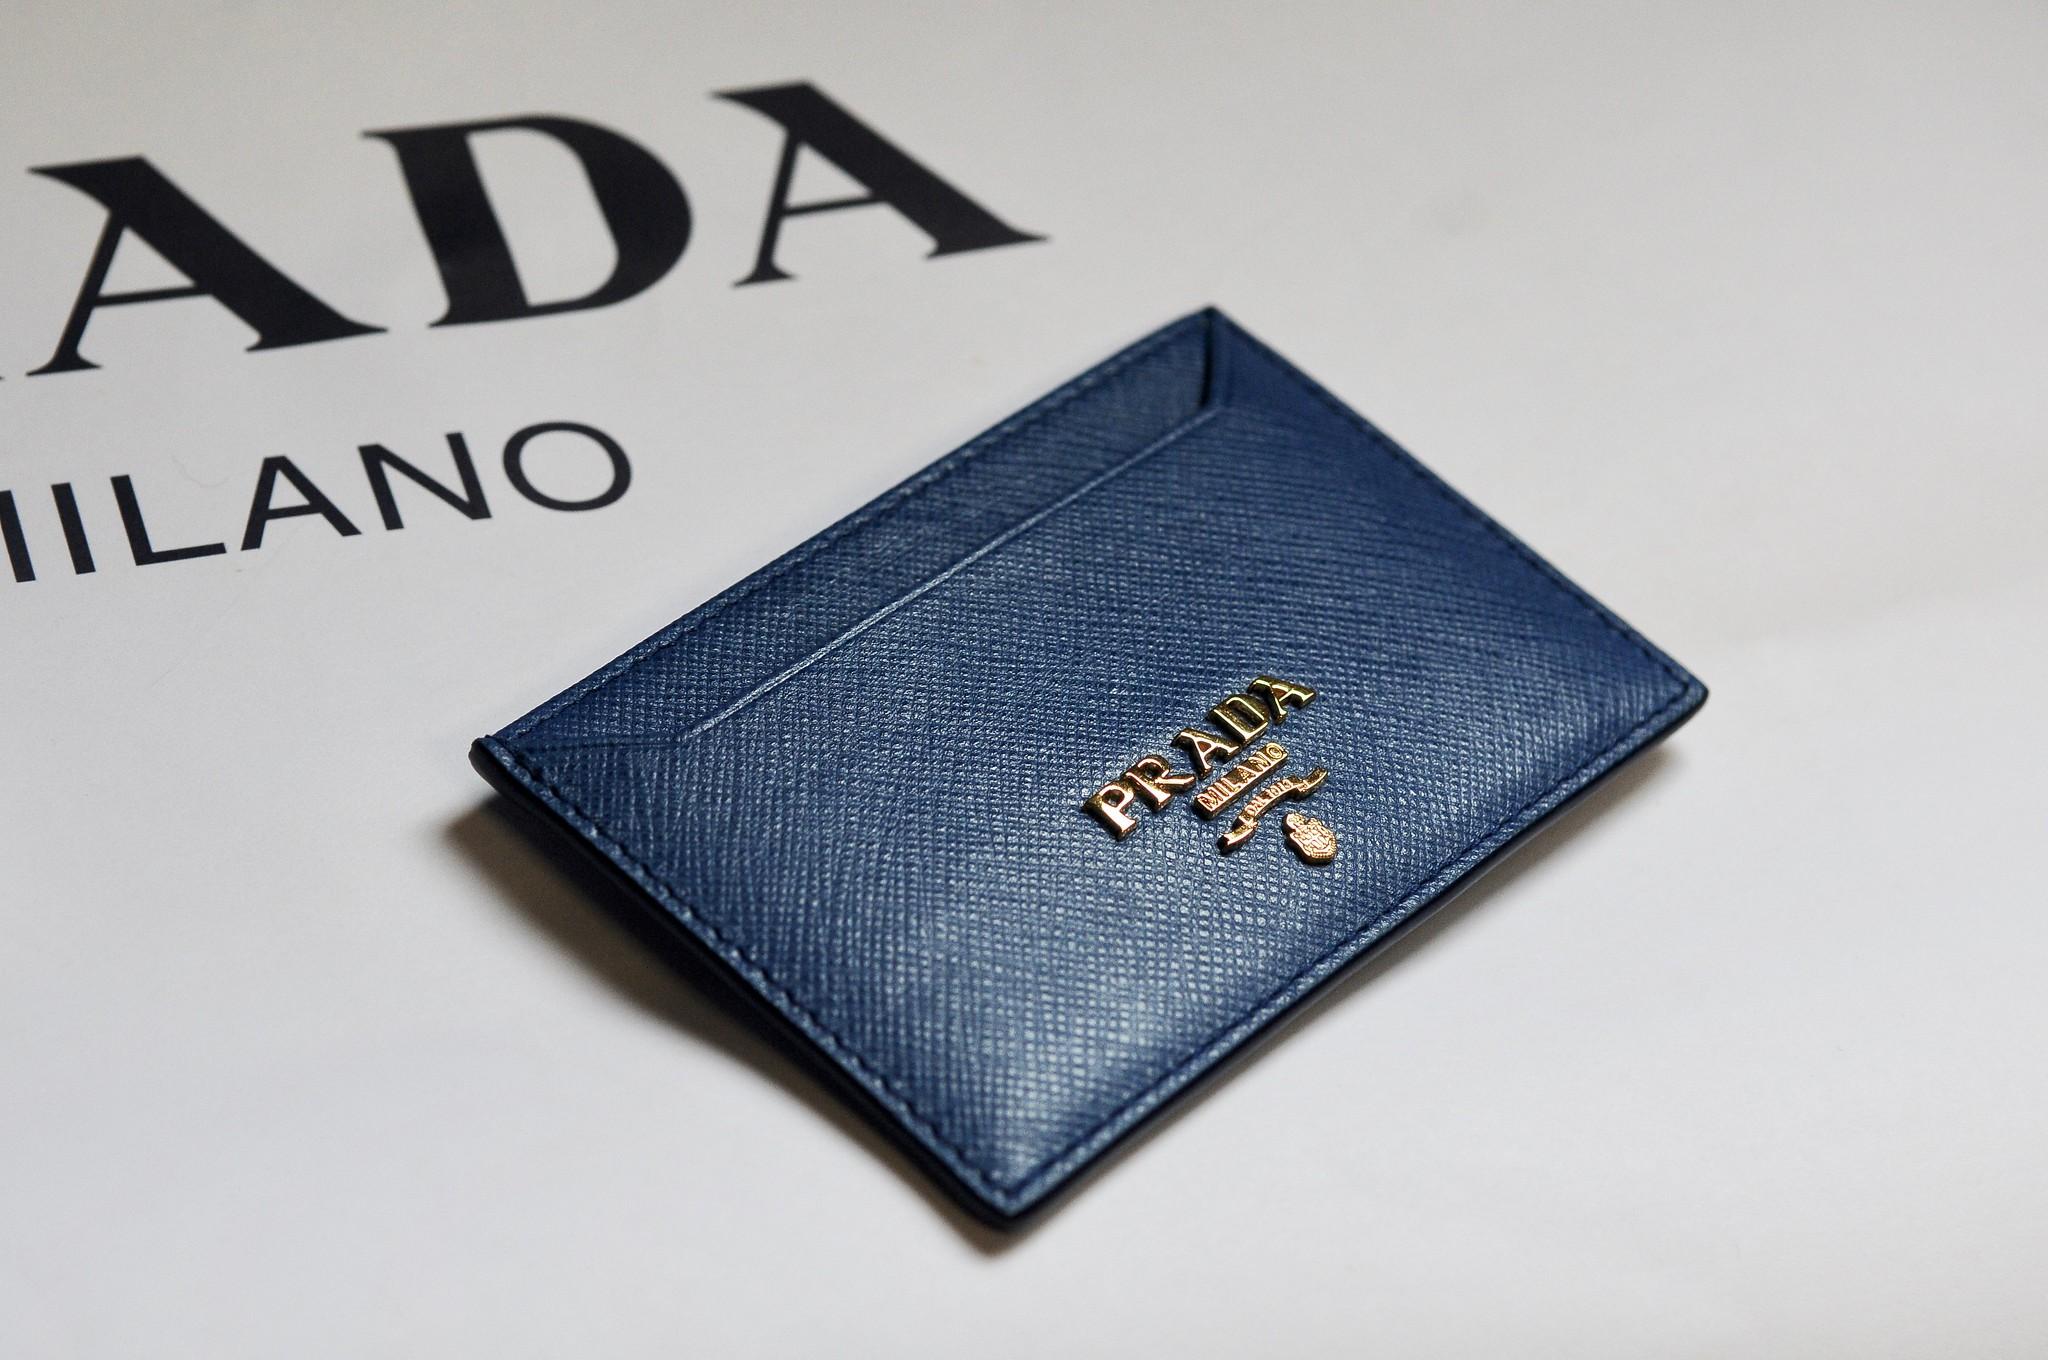 d33f016fe5efd8 promo code prada credit card holder 73037 99e9e